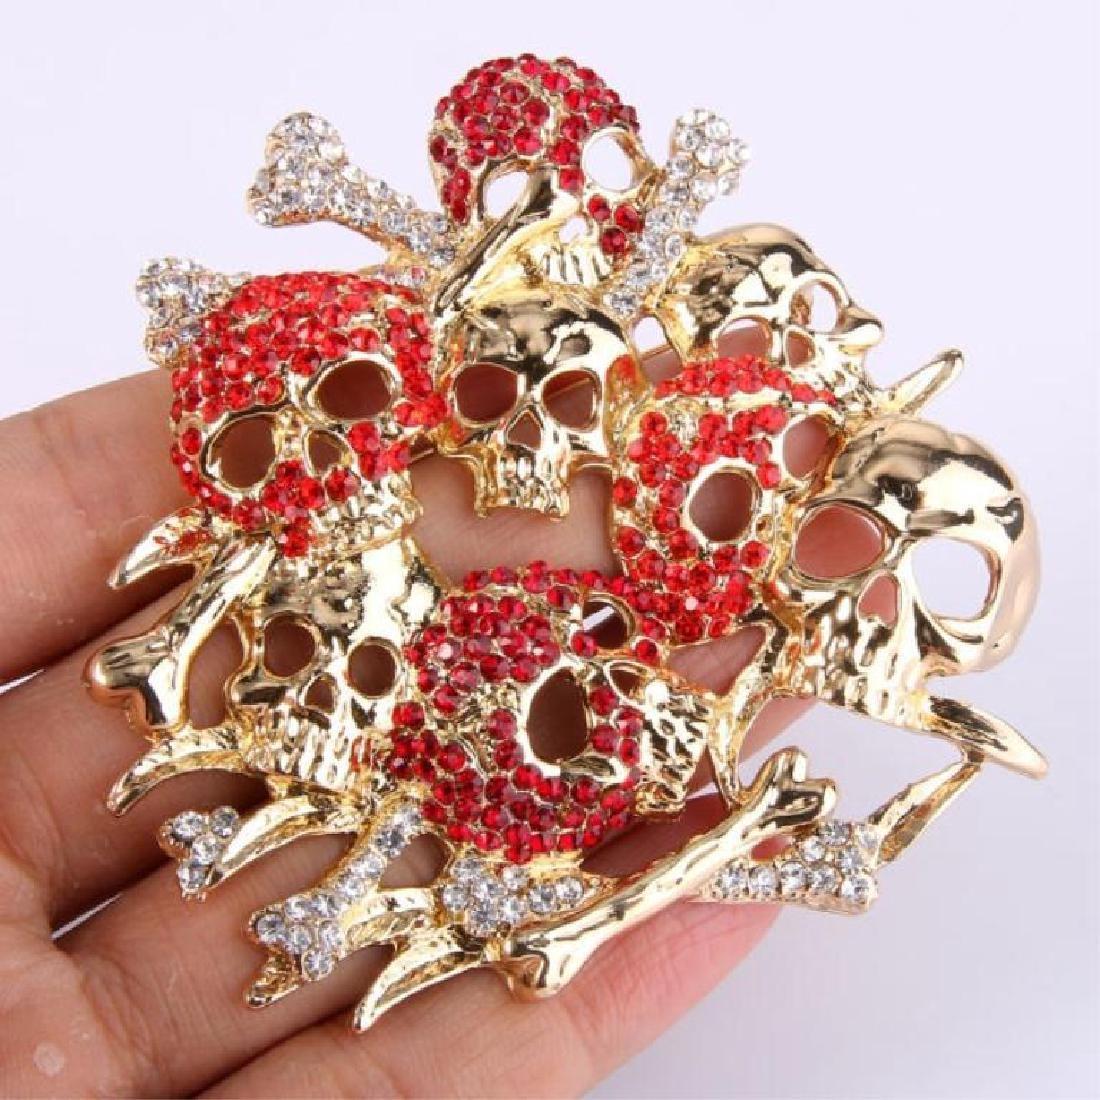 Skull & Bones Crystal Brooch Pin - 2